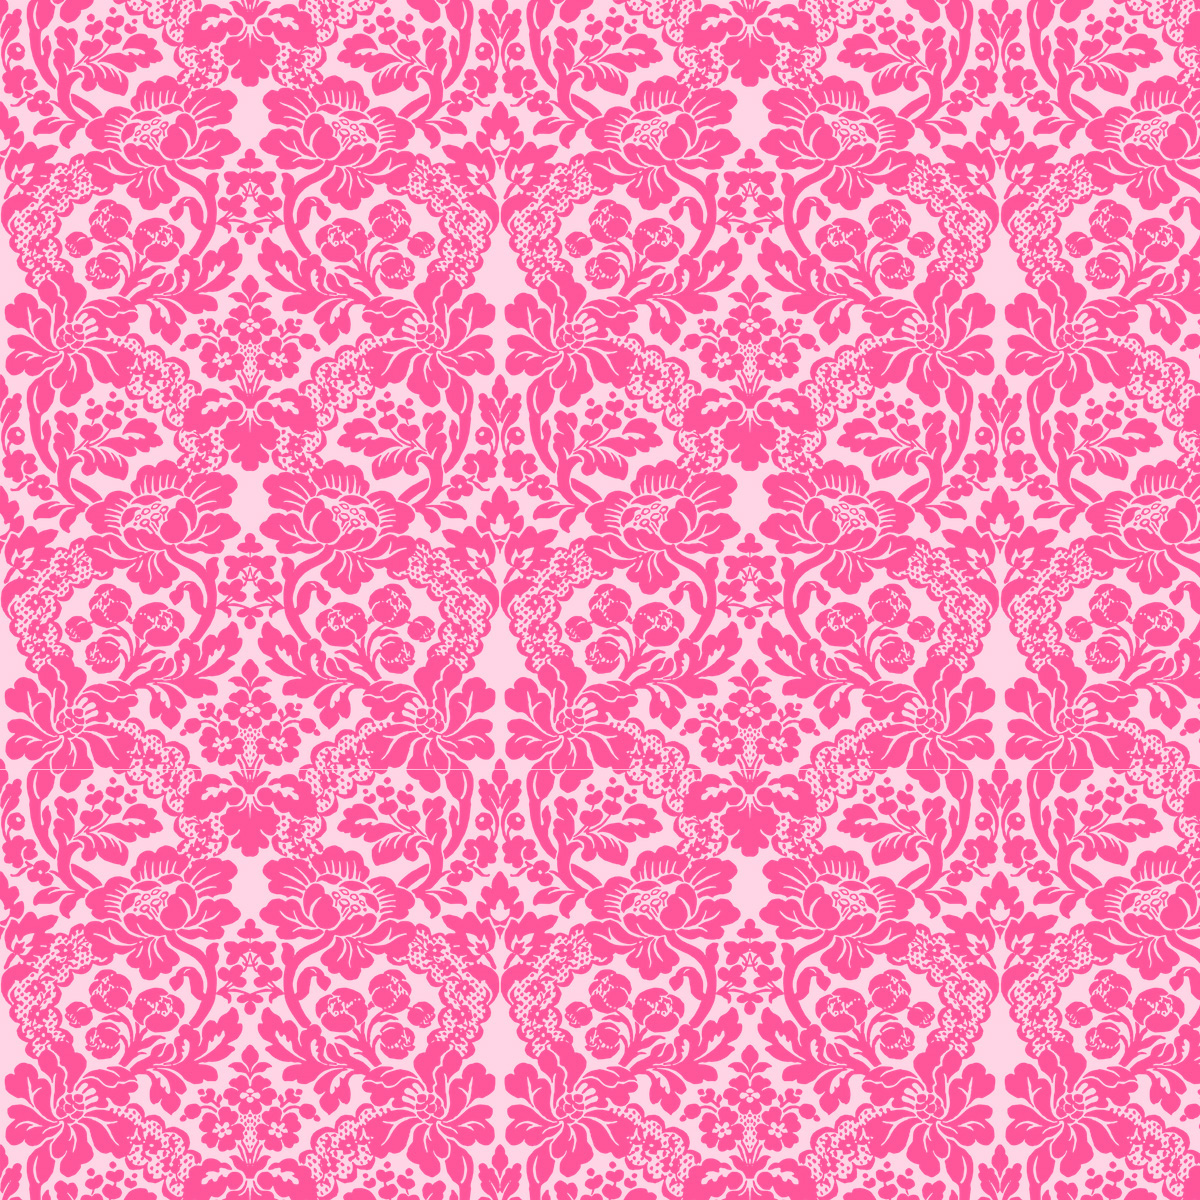 Free digital pink damask scrapbooking paper ...